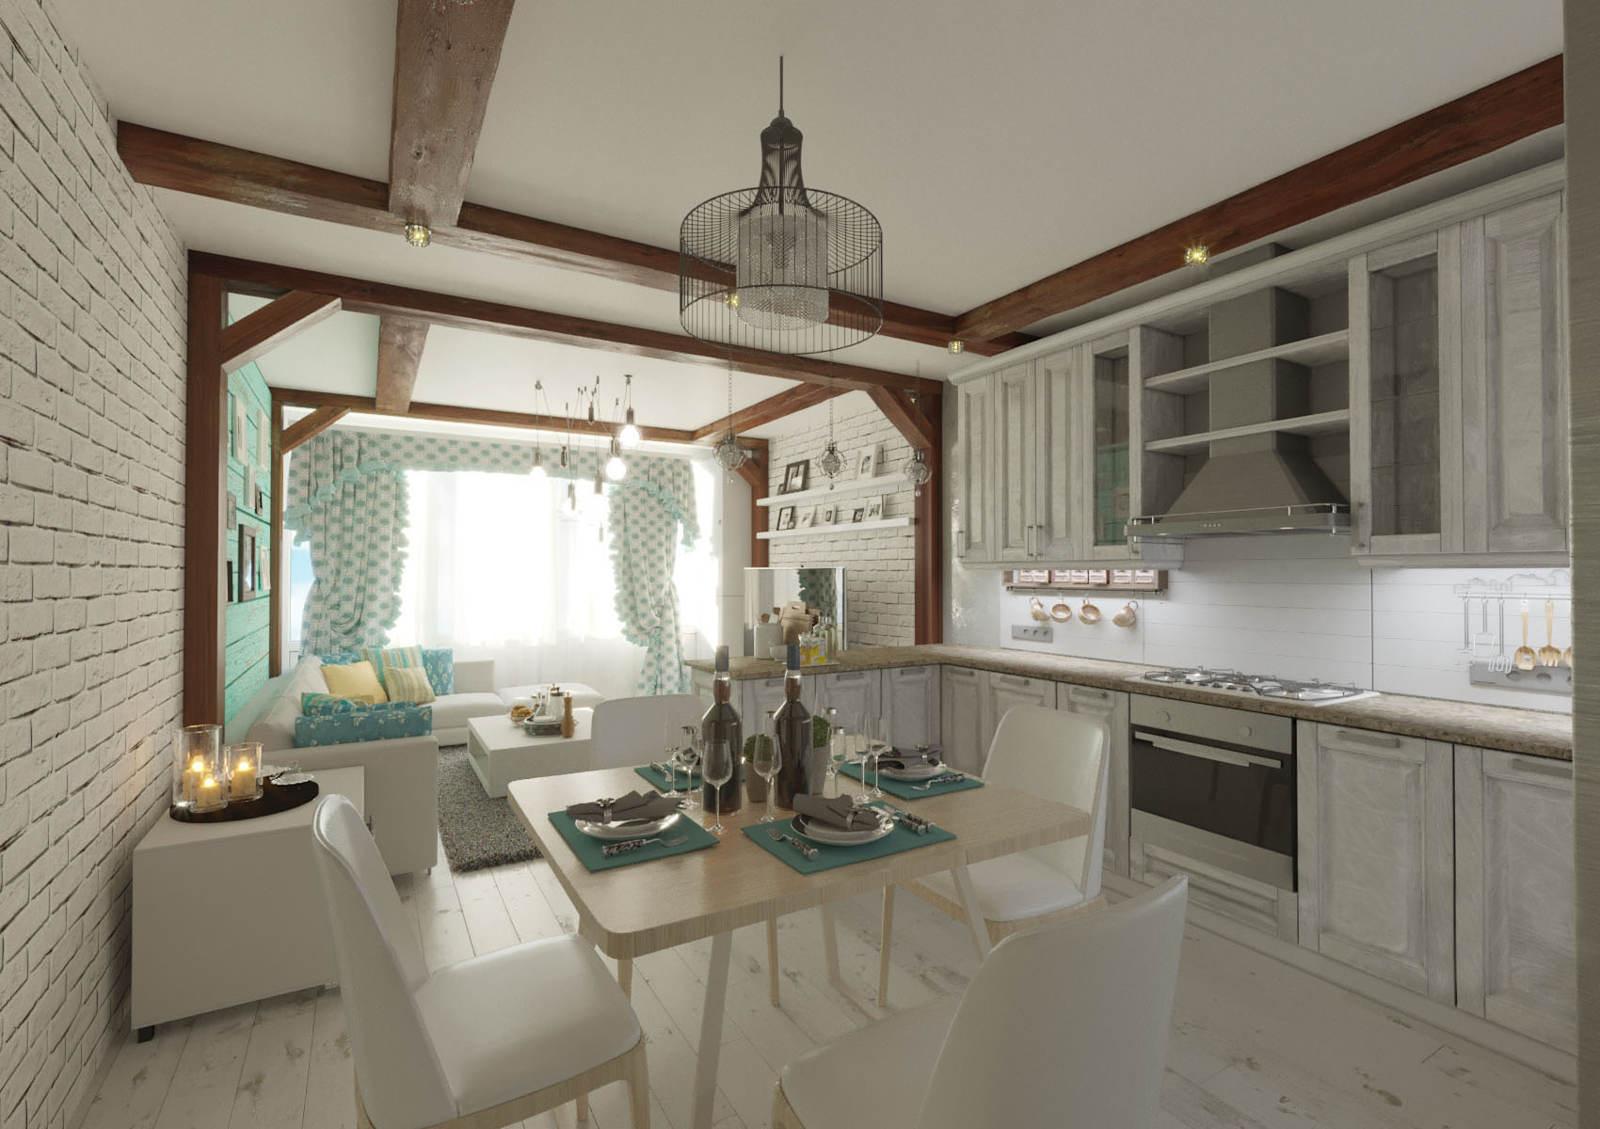 Дизайн кухни в квартире Киев картни, деревянные балки на потолке, легкая классика